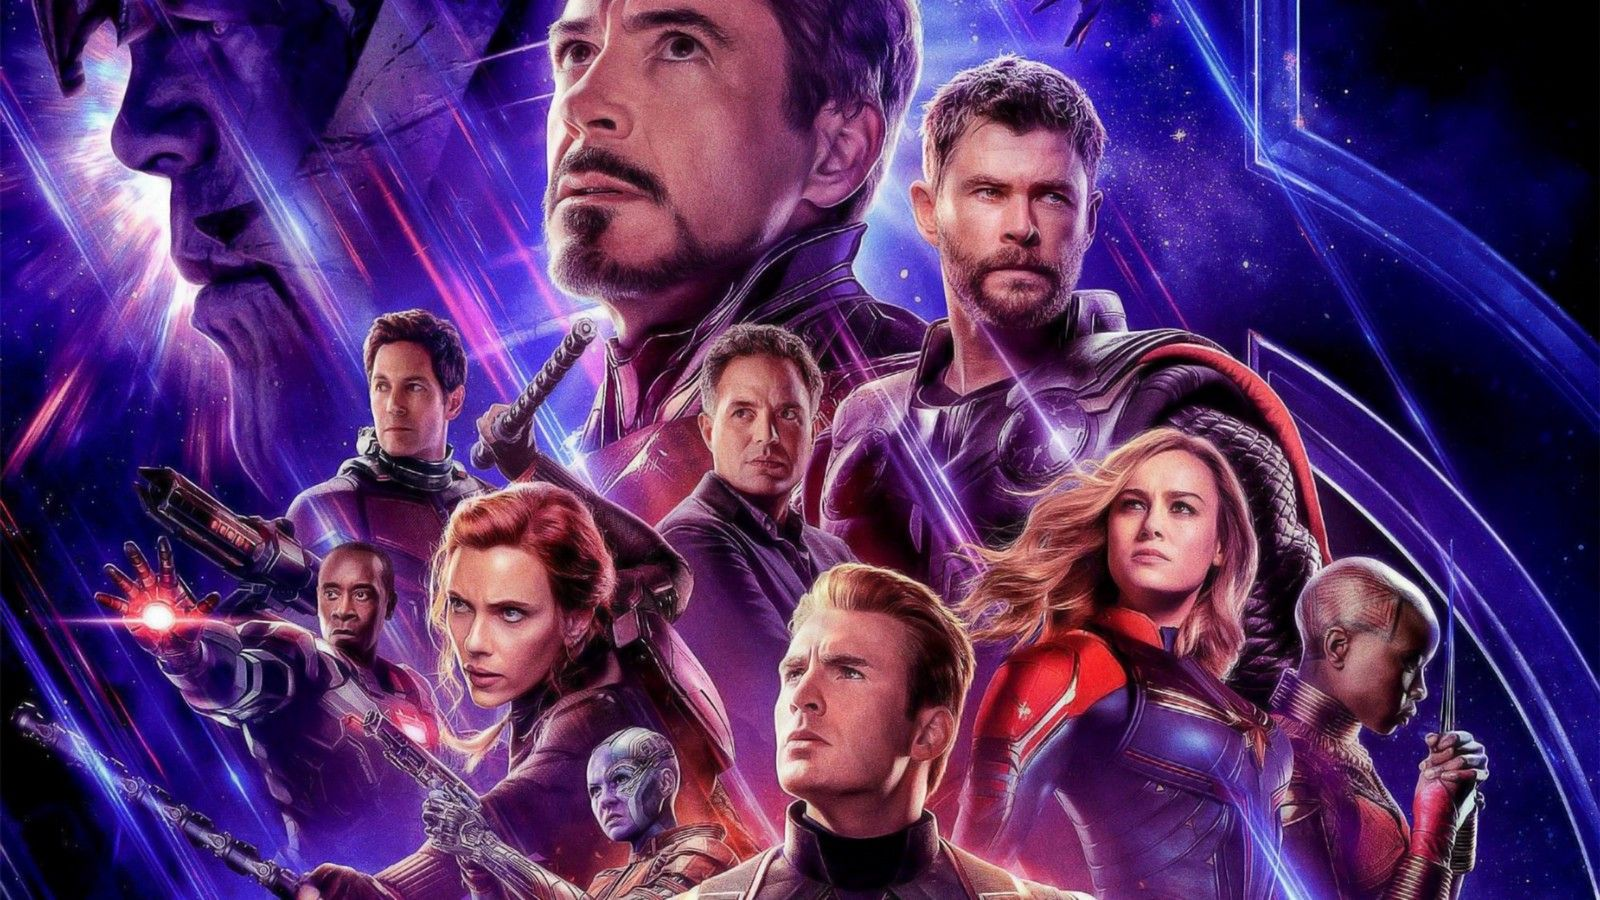 Watch Movie Online Full Free Film Marvel Marvel Avengers